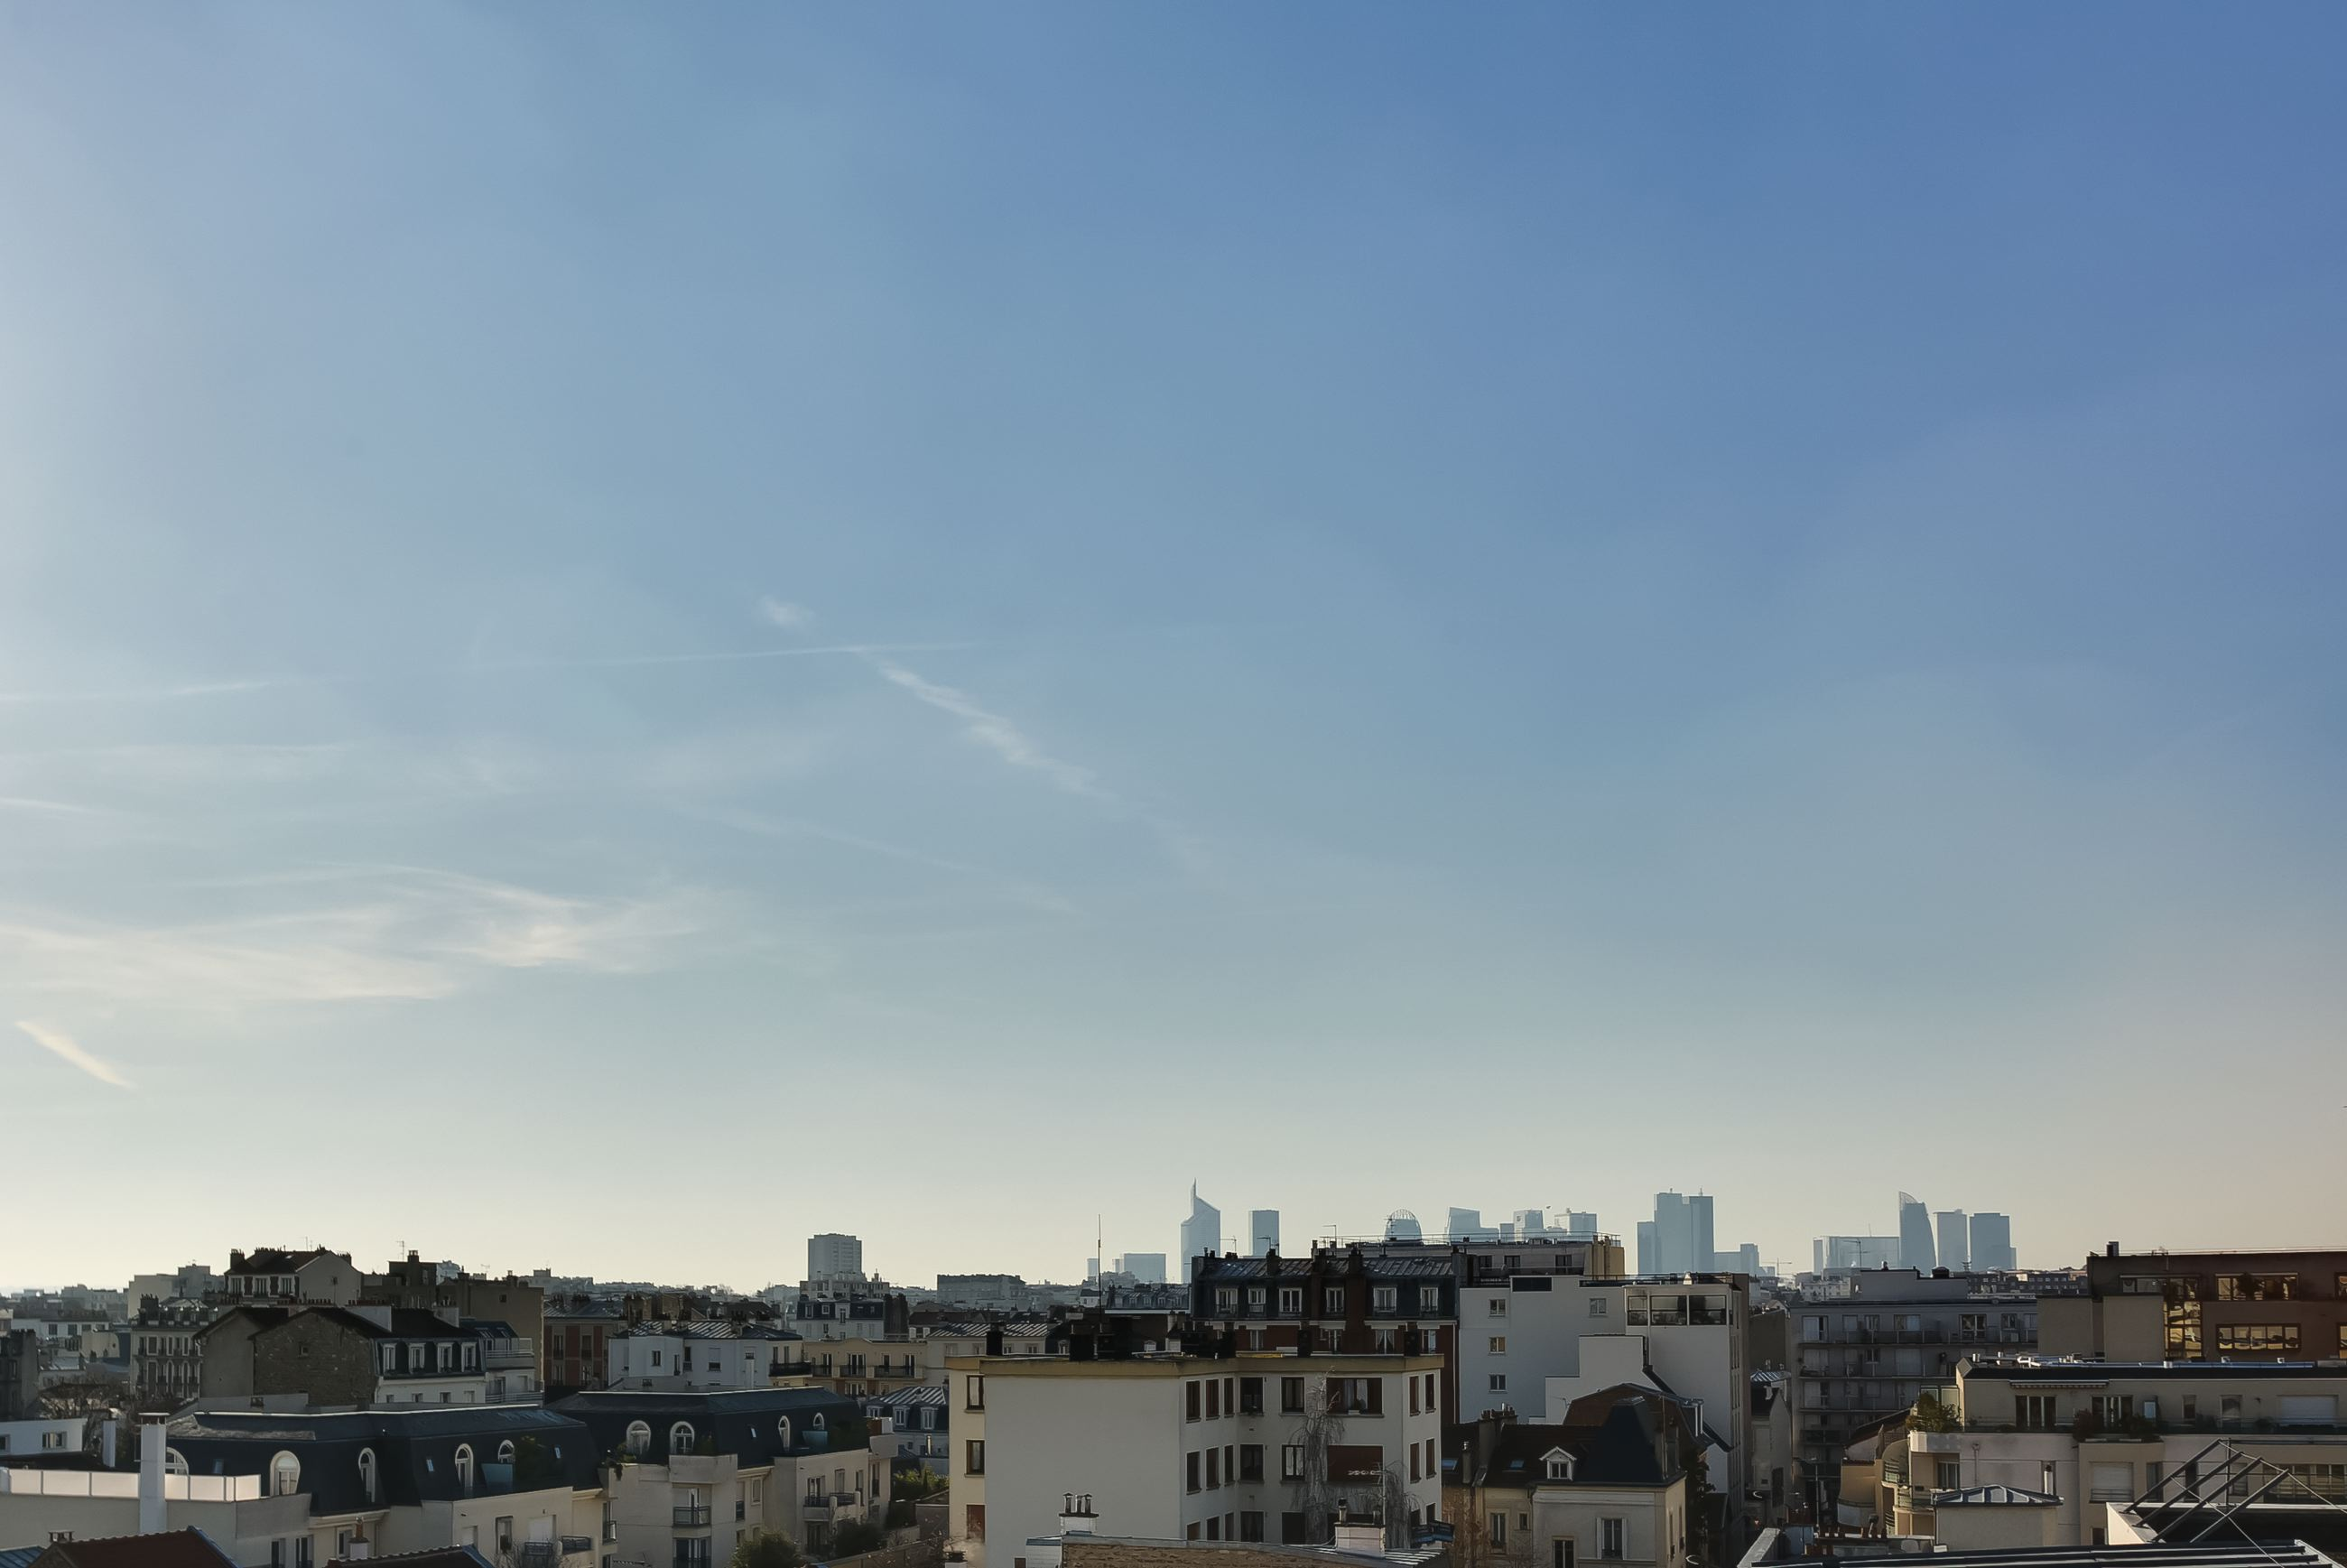 Dernier etage-parisvue paris